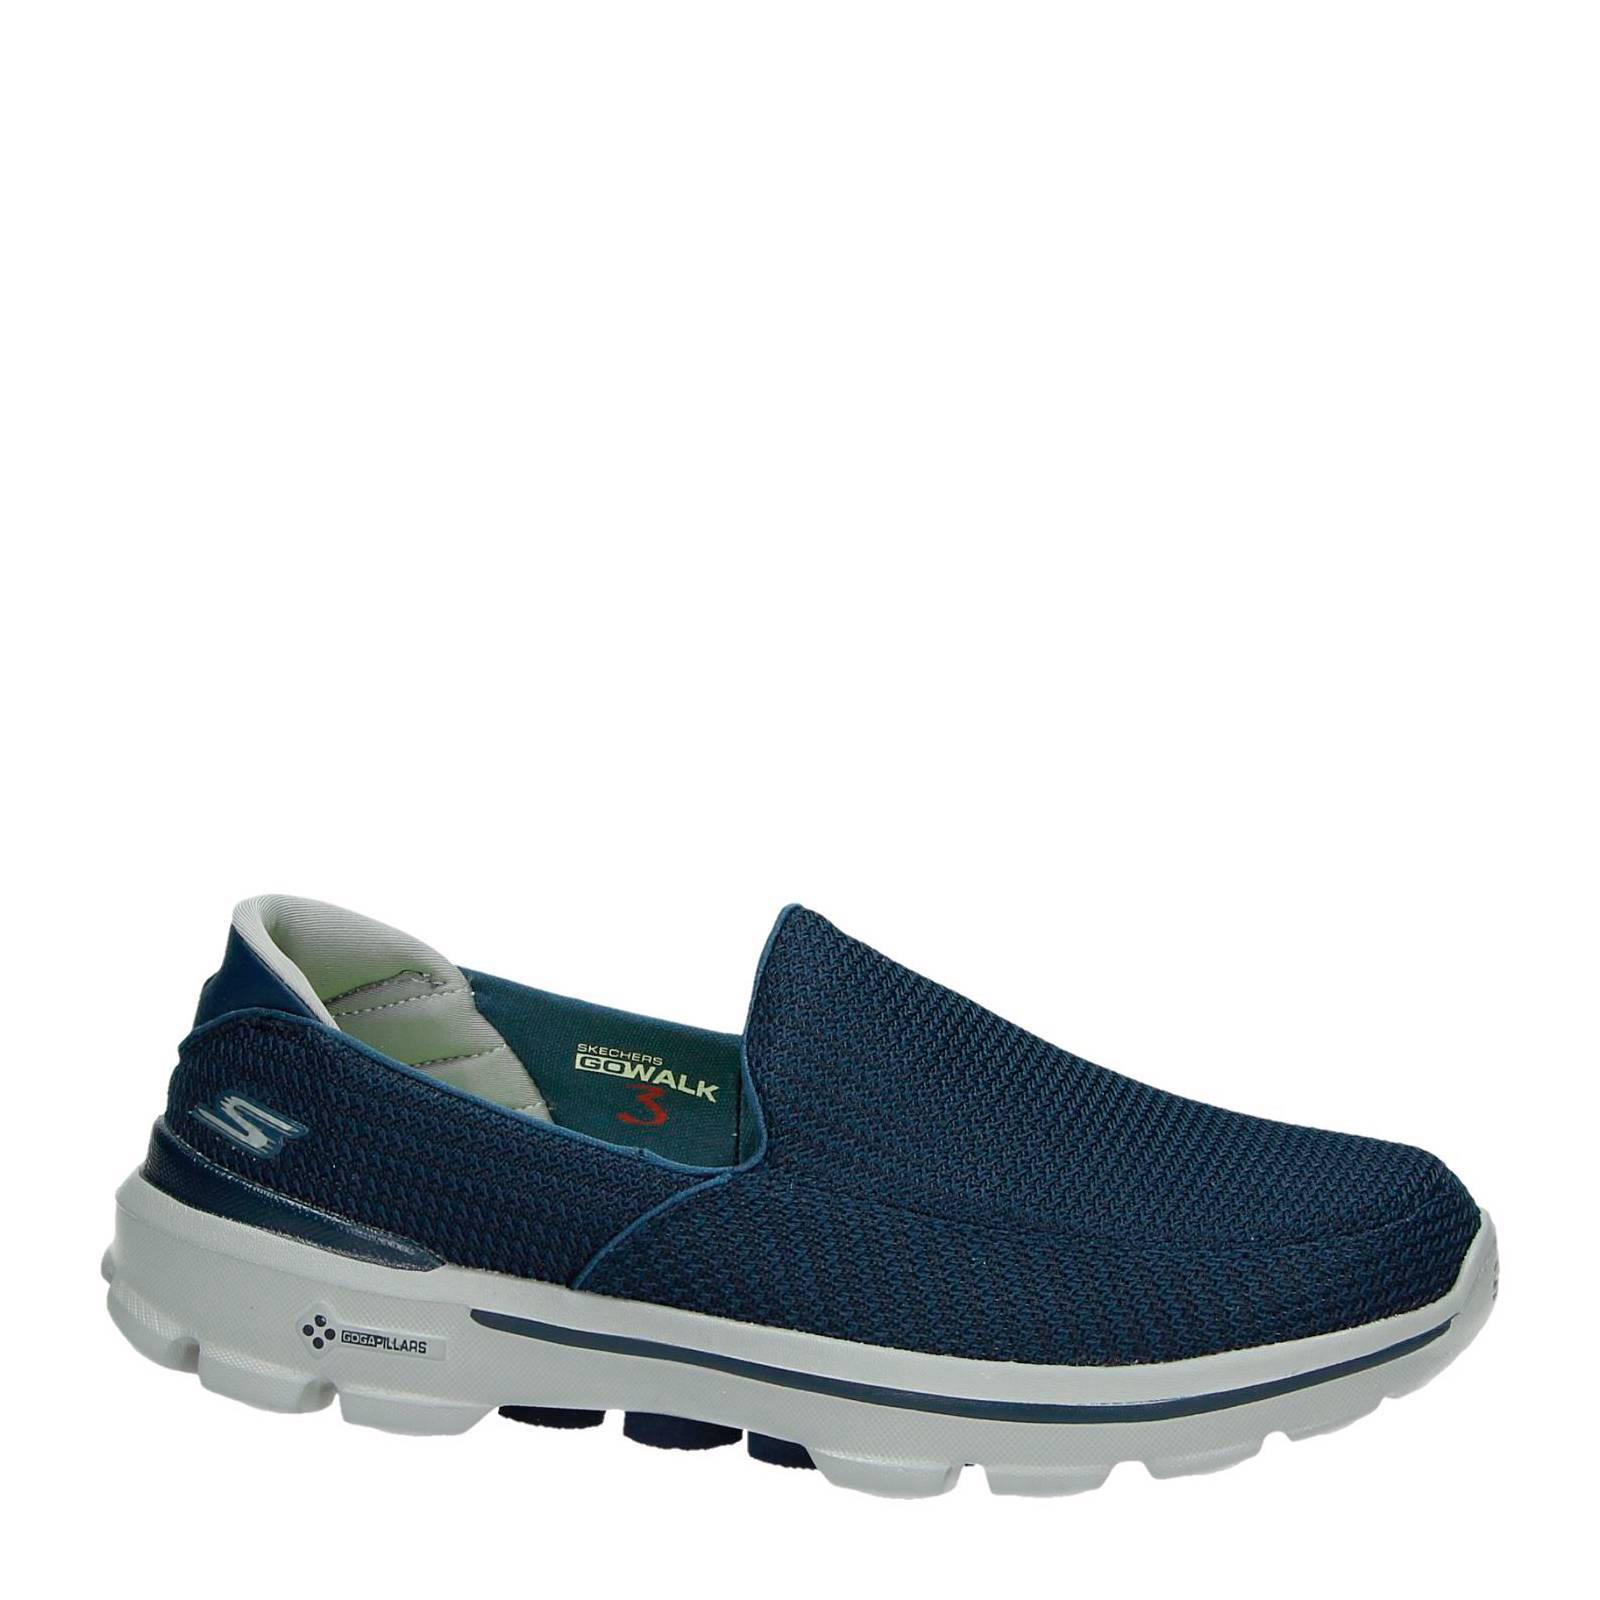 Occasionnels Skechers Bleu Vont Marcher Chaussures De Sport Pour Les Hommes hFfEG4ouKf